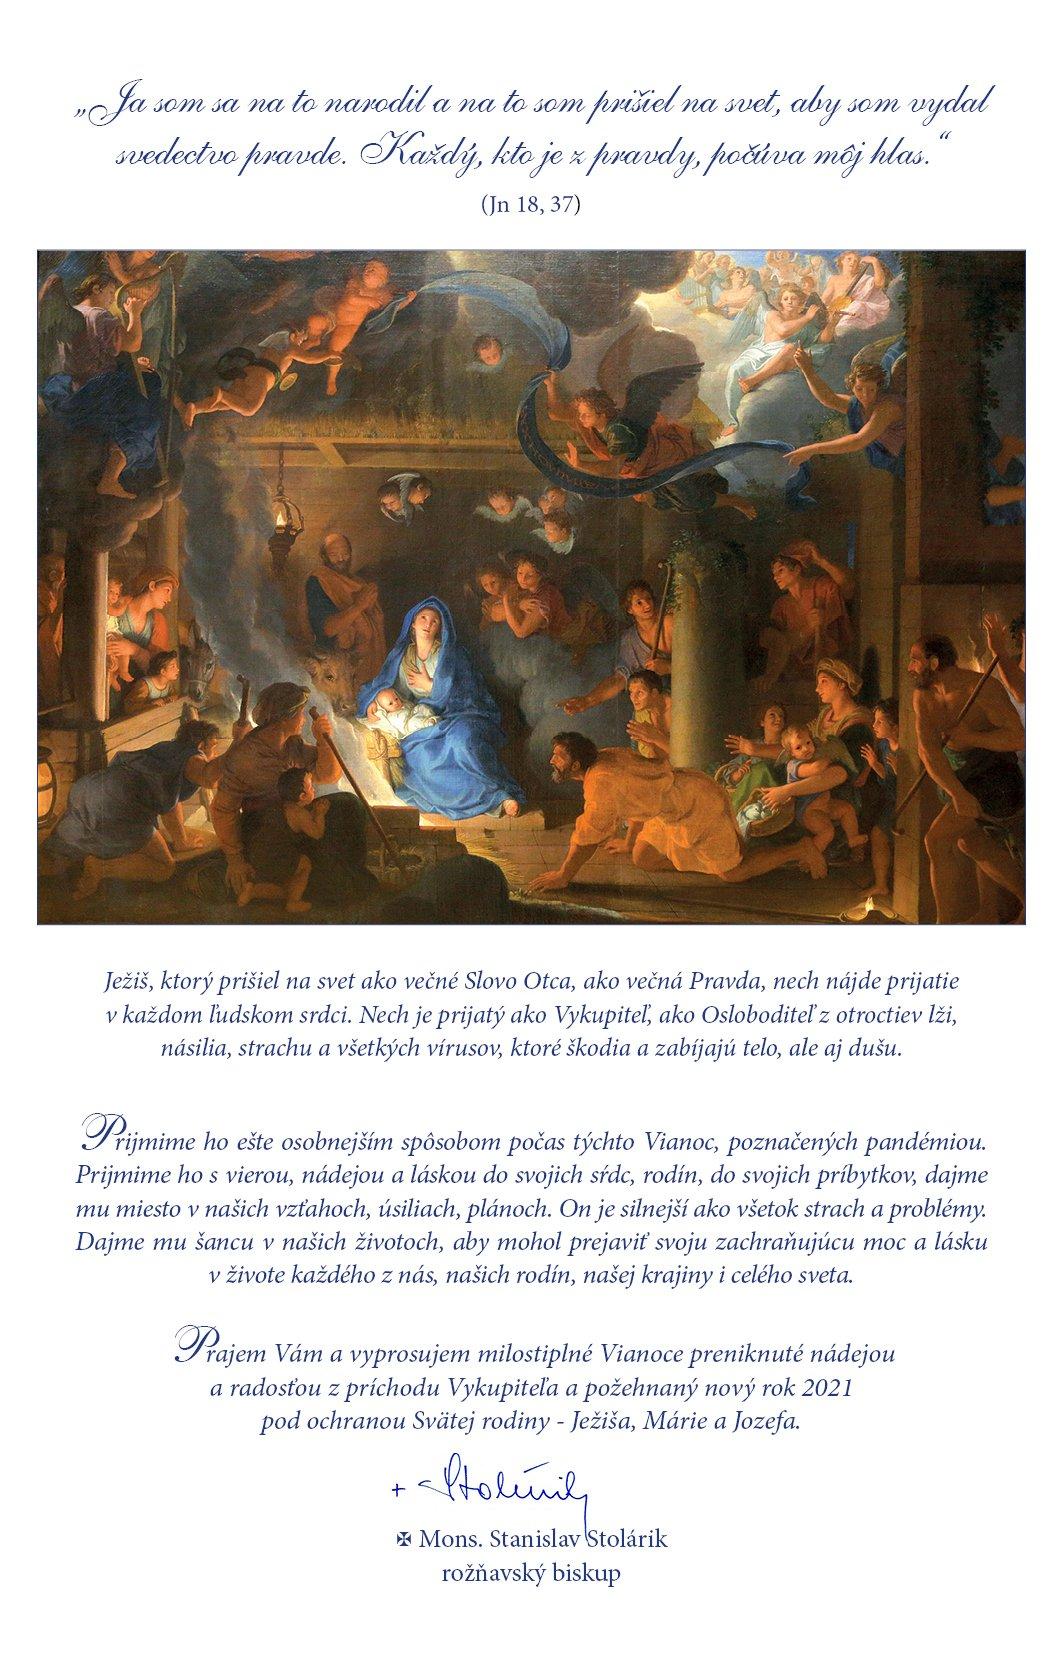 Mons. Stanislav Stolárik-vianoce-pozehnanie